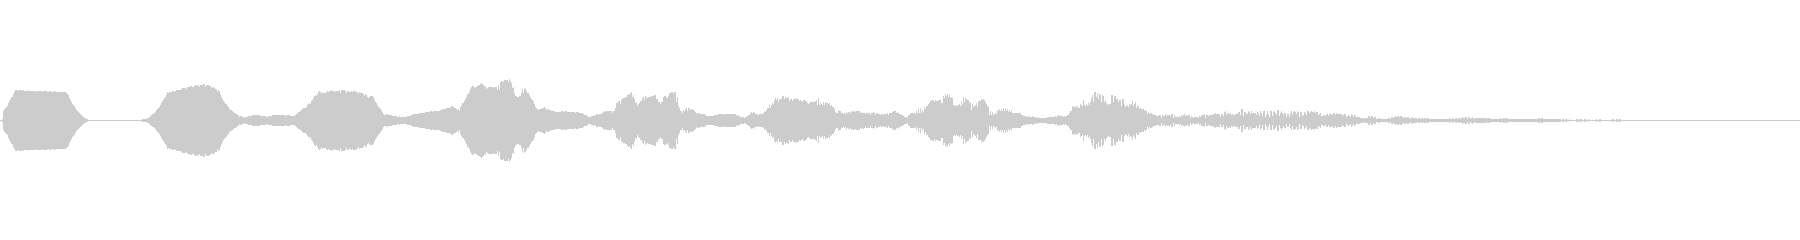 ヒューン 巻き戻しキャンセル落下 決定音の未再生の波形